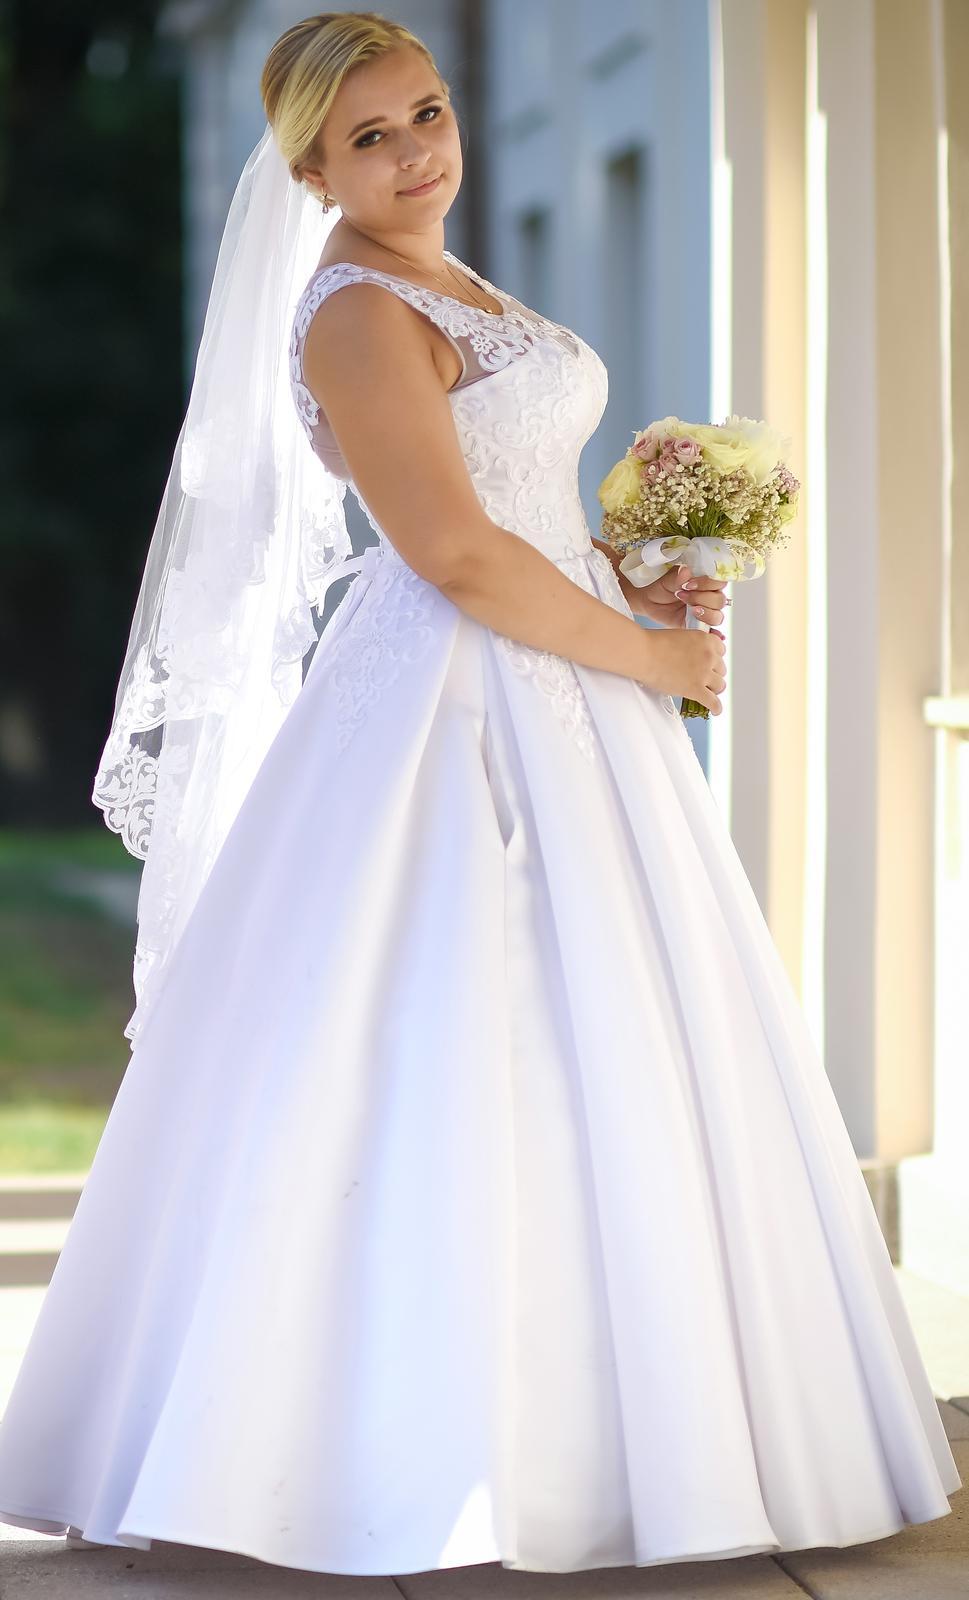 Svadobné šaty veľkosť 40 - Obrázok č. 2